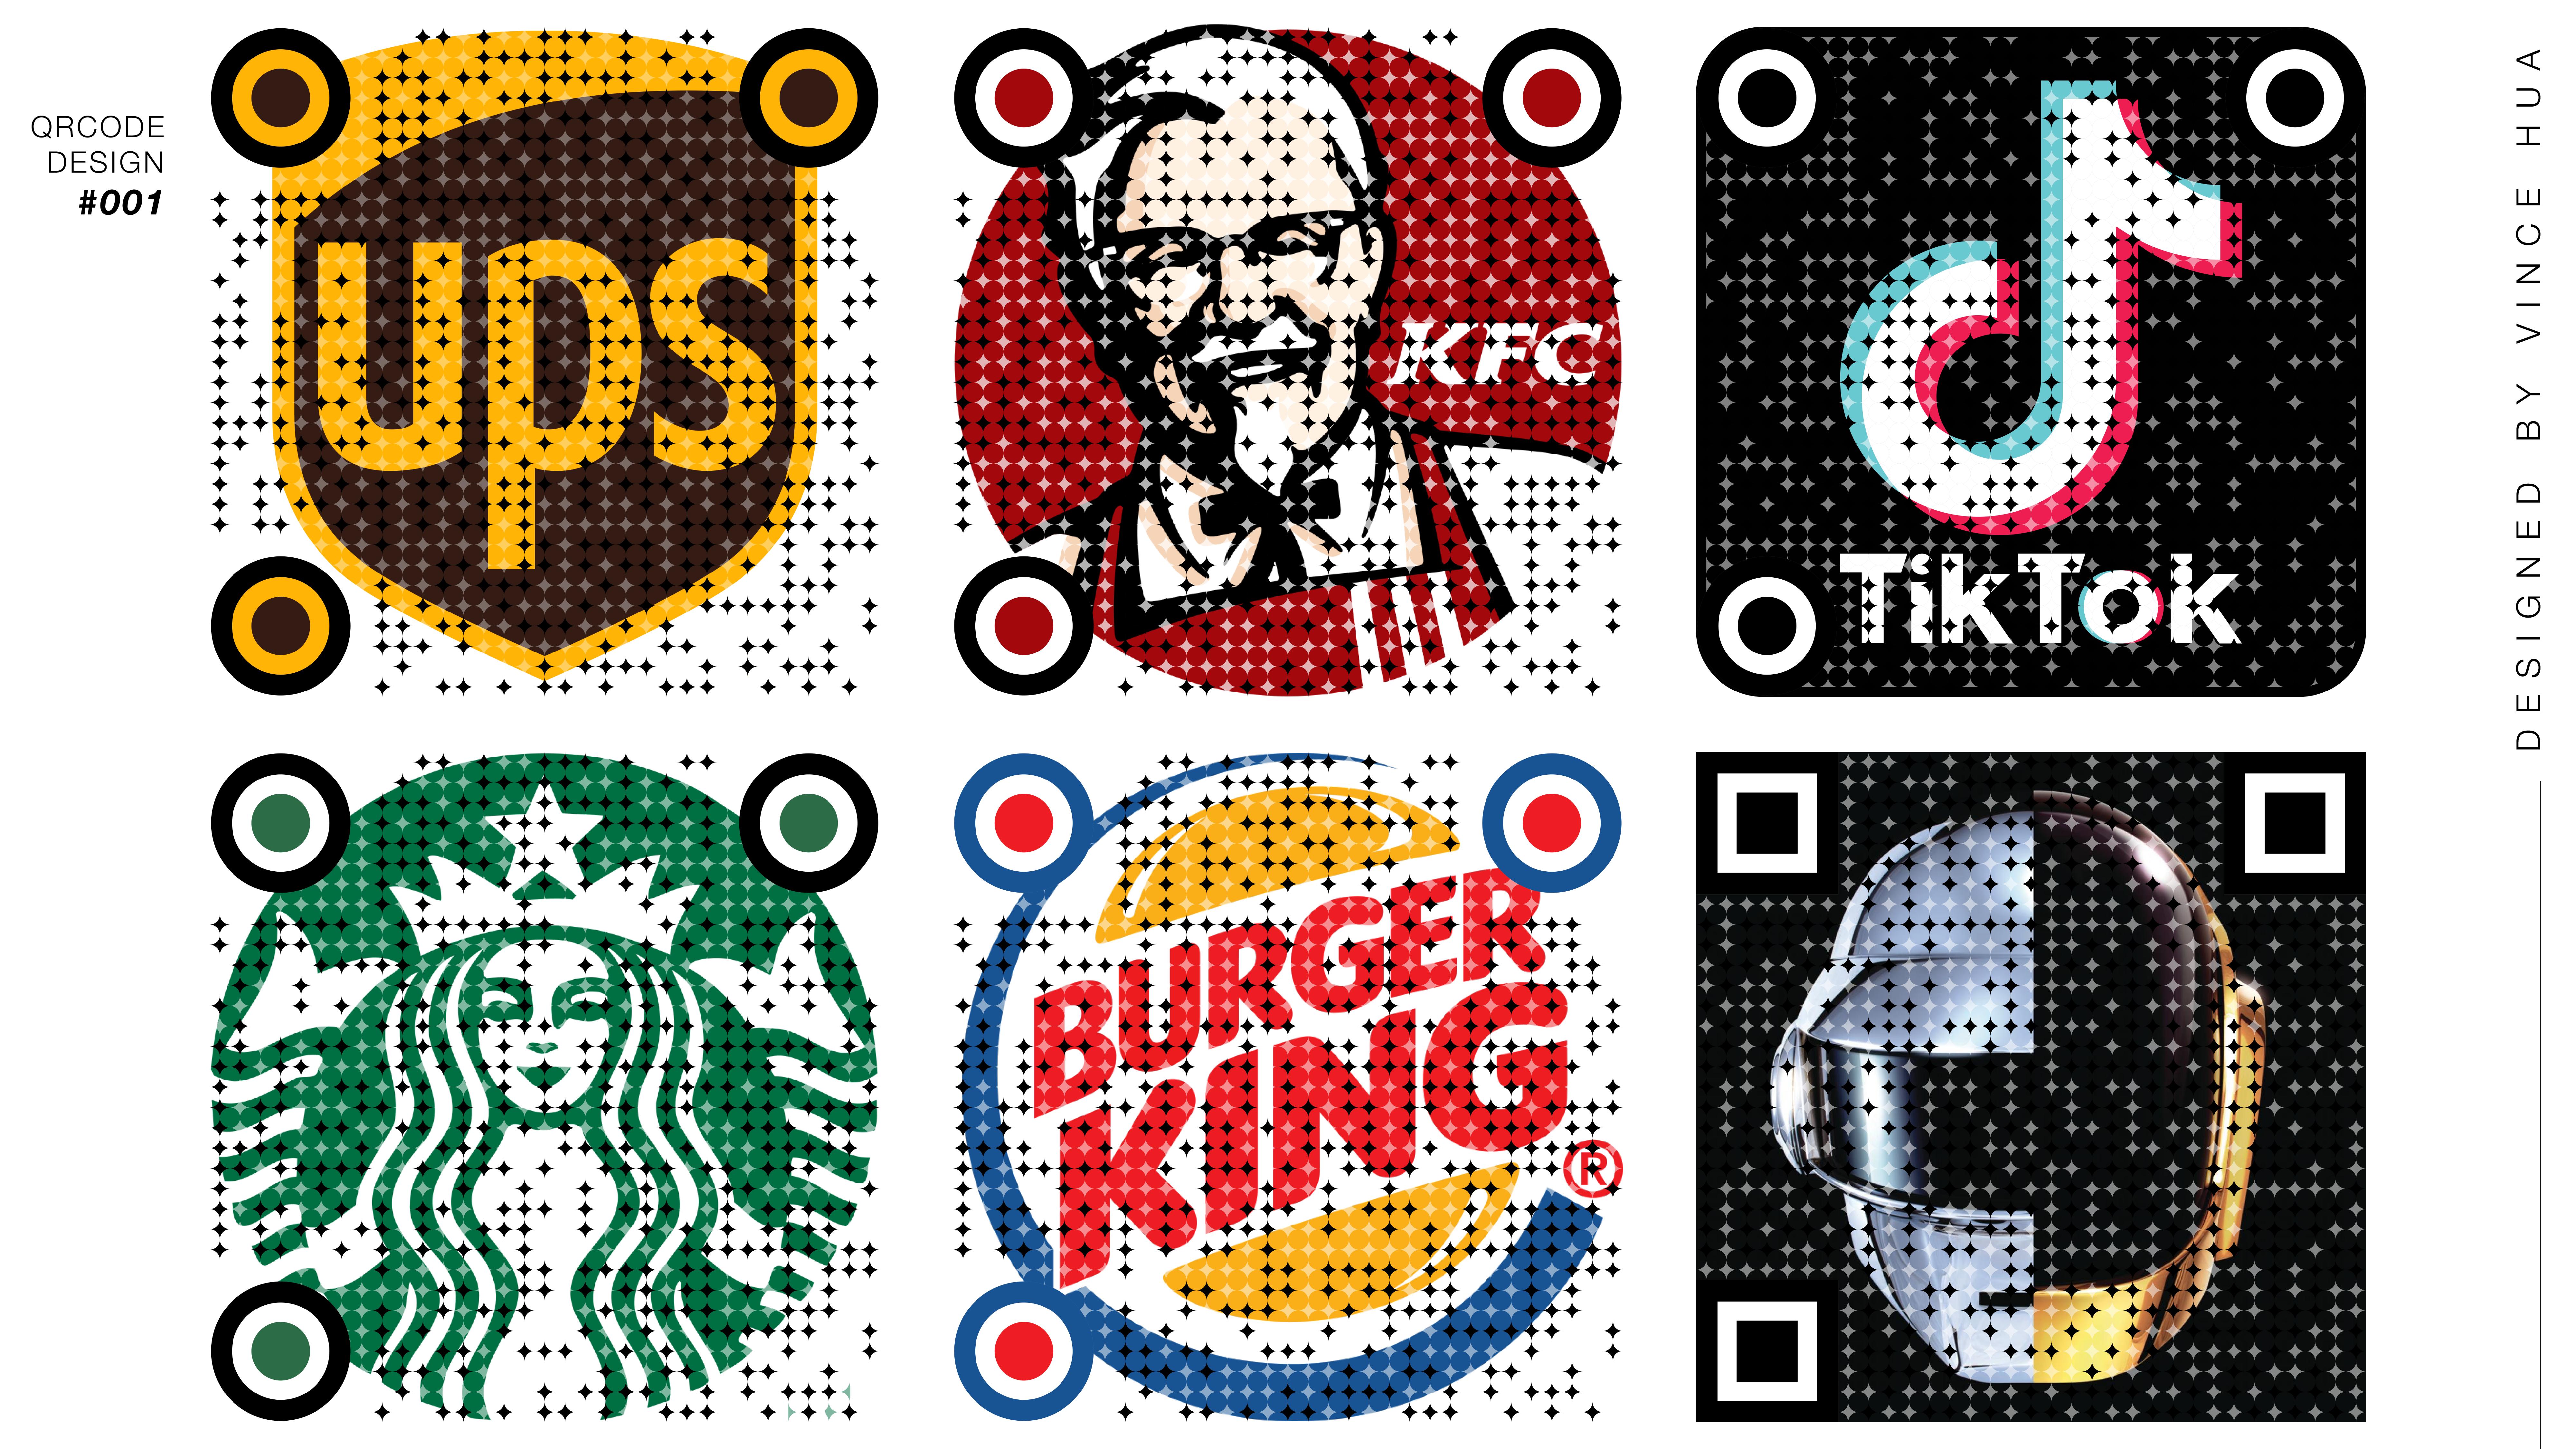 Qr Code Design Logo Branding Code Art Sticker Design Create Barcode